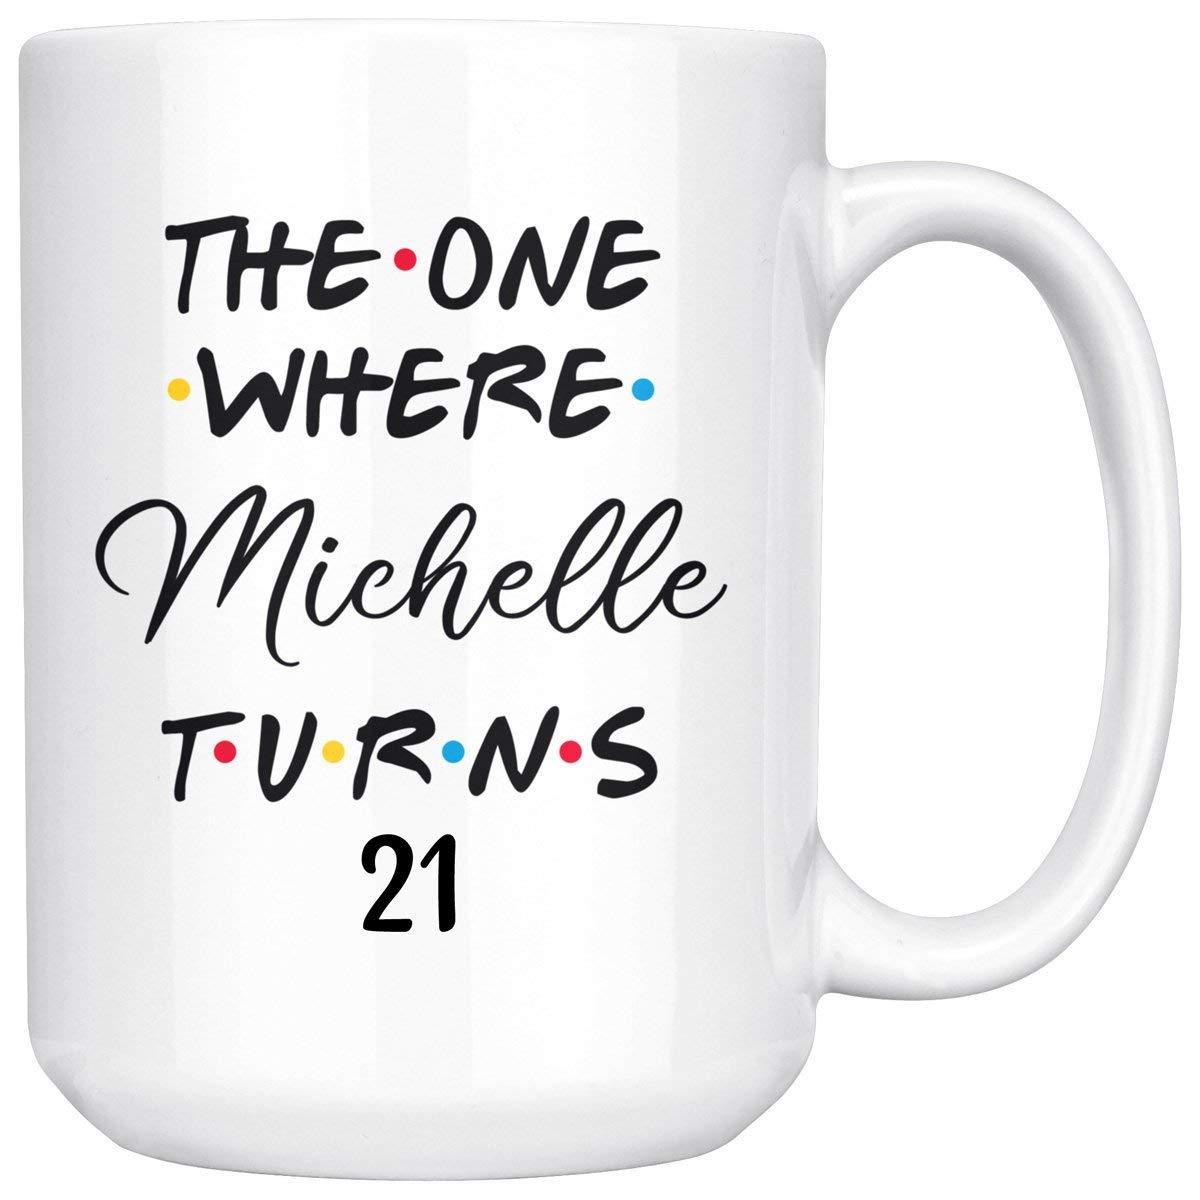 Personalized 21st Birthday Mug, 21 Birthday Mug, 21 Birthday Coffee Mug, Happy Birthday Party, Turning 21 Birthday, 21st Bday Gift For Her & Him, Twenty-first Birthday Mug, Milestone Birthday (15oz)